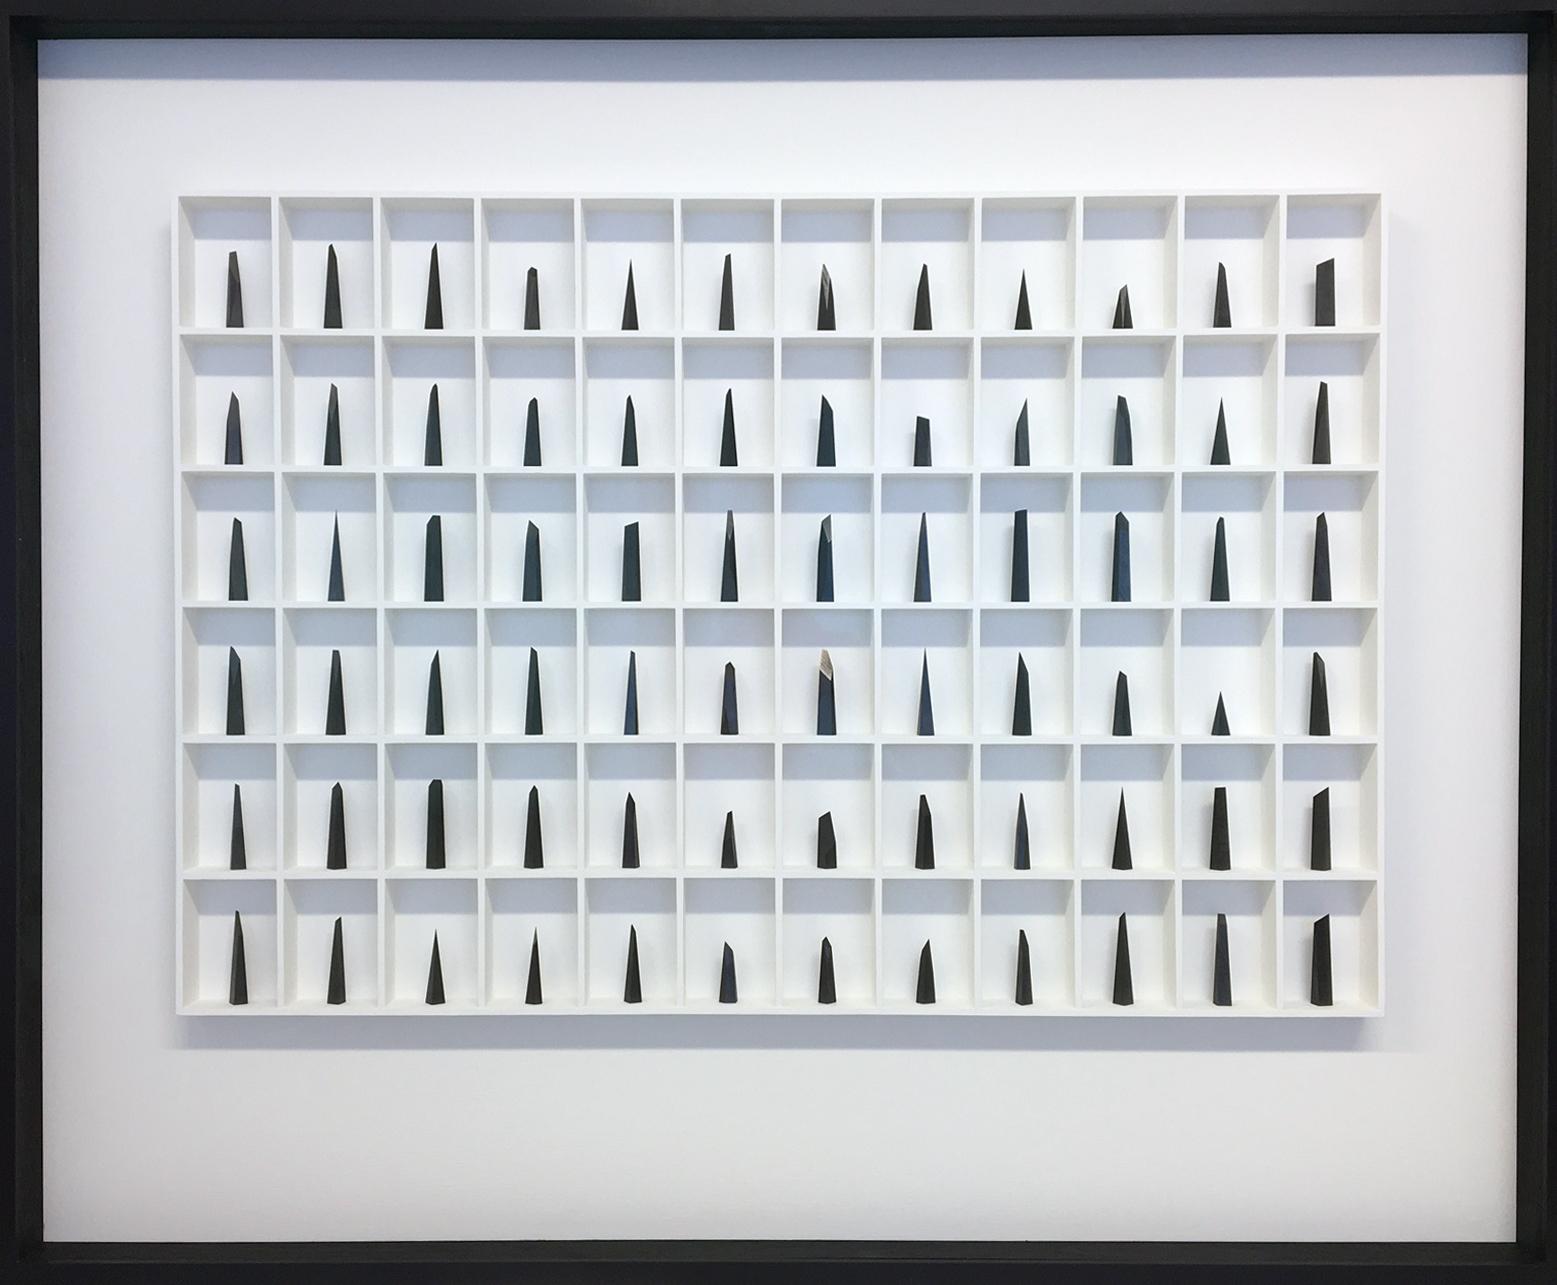 Paul Fry Hope - 72 pieces of graphite 125 x 7 x 103 cm S O L D